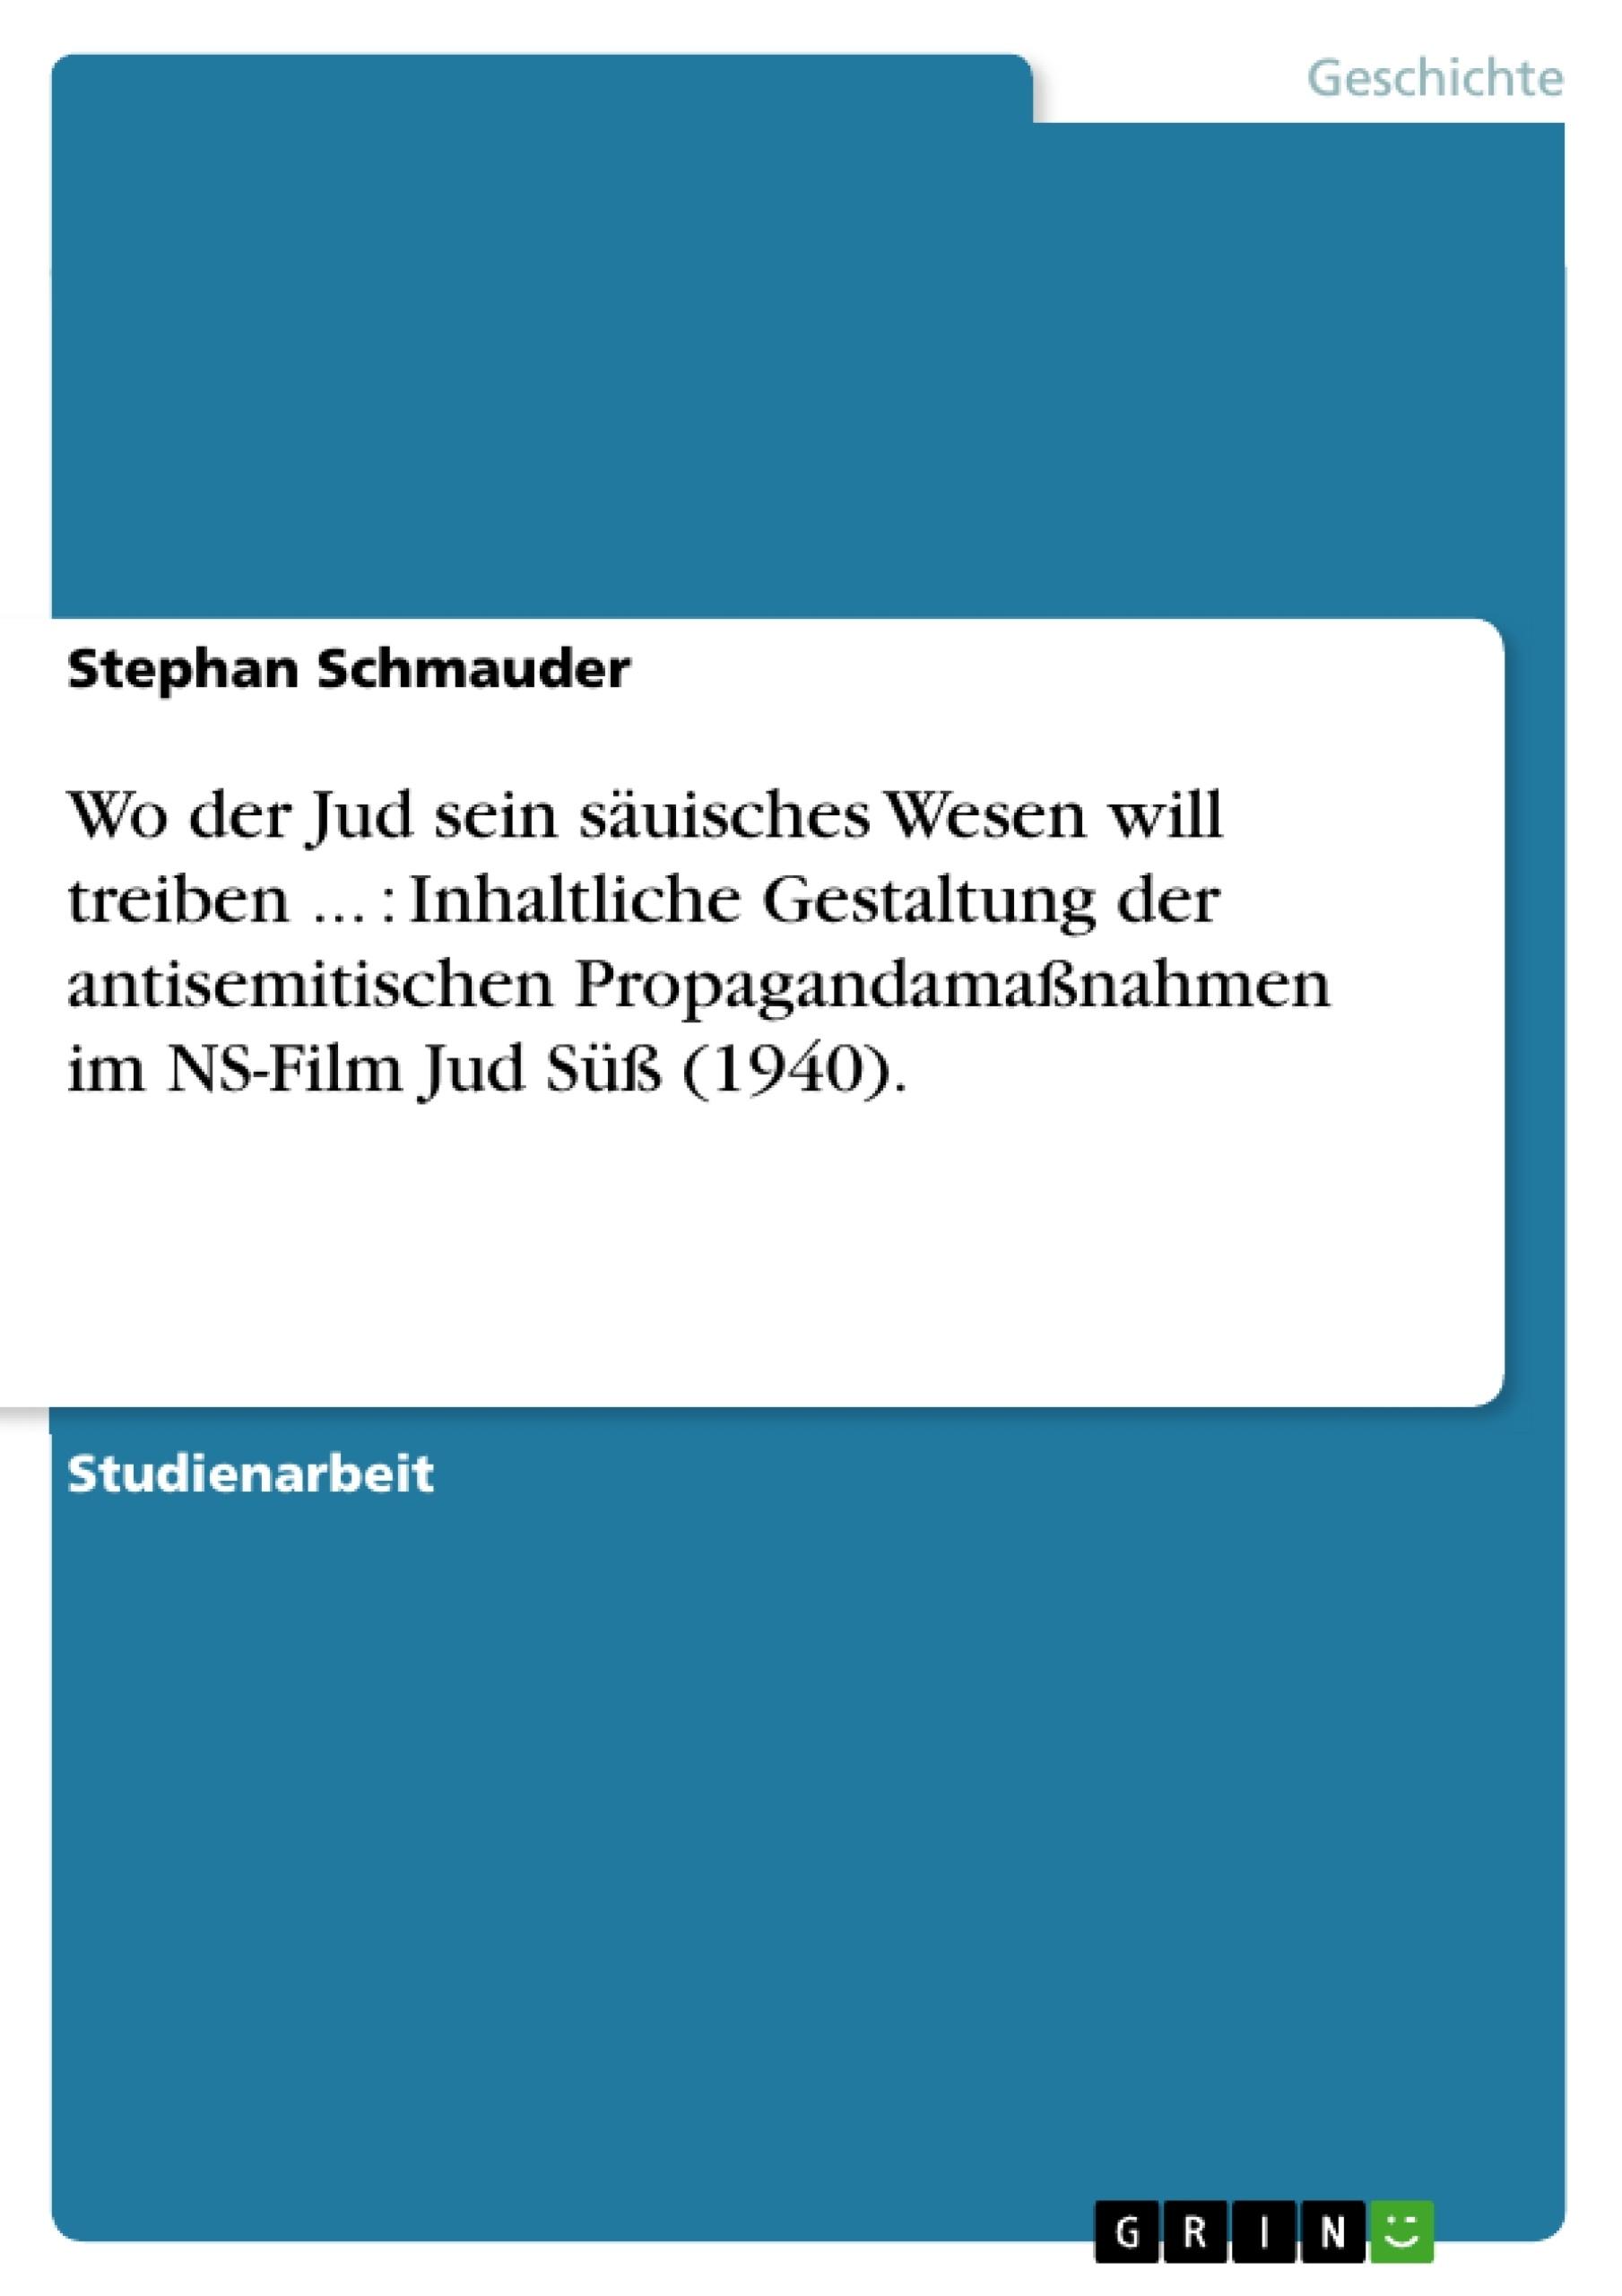 Titel: Wo der Jud sein säuisches Wesen will treiben ... : Inhaltliche Gestaltung der antisemitischen Propagandamaßnahmen im NS-Film Jud Süß (1940).